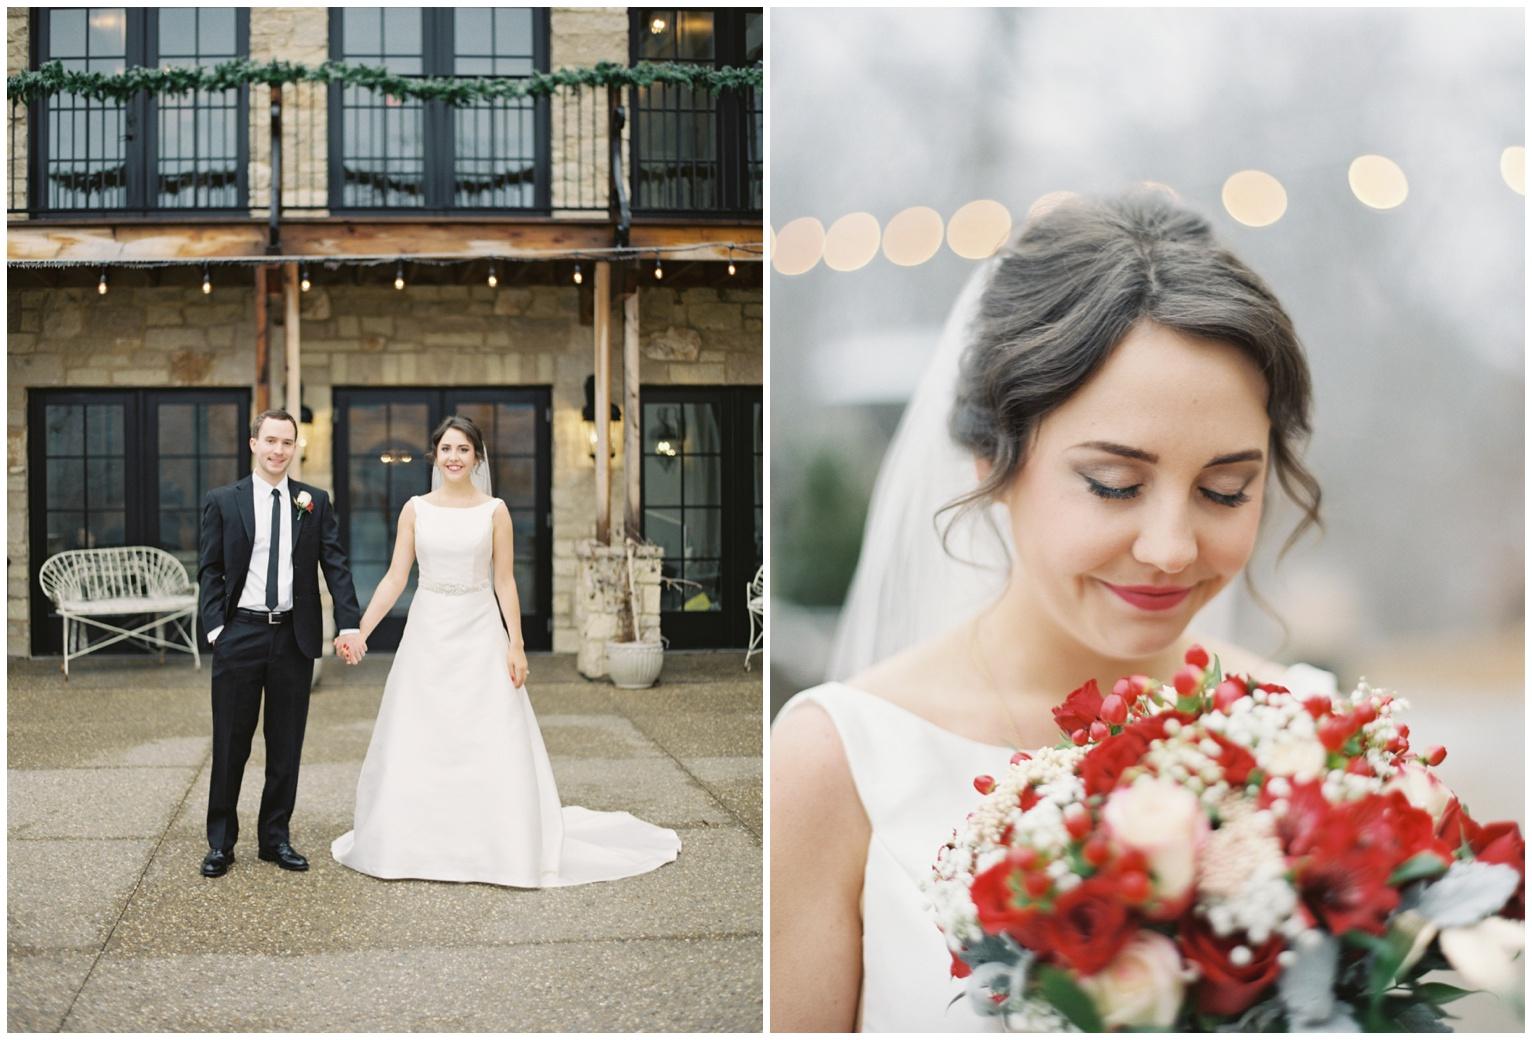 wedding photography st louis_lauren muckler photography_film photographer_film wedding_0014.jpg